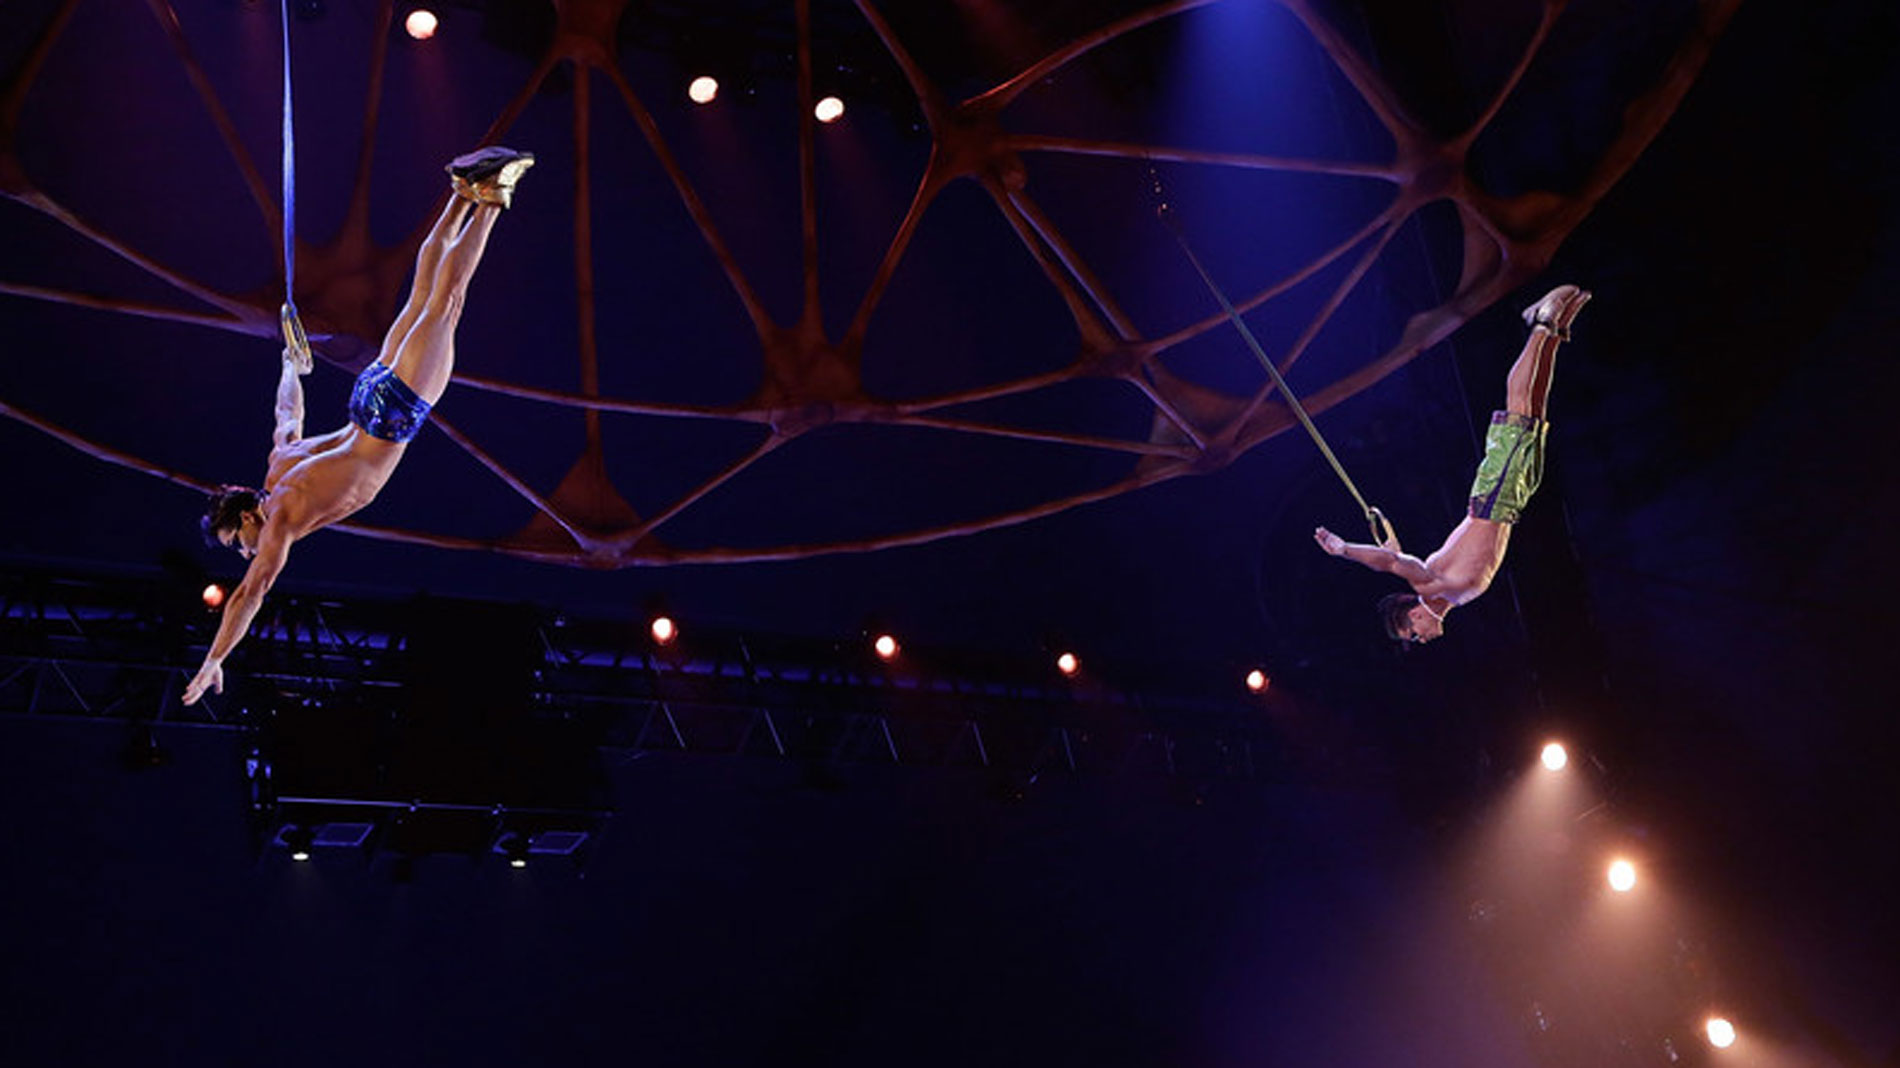 Muere un acróbata del Circo del Sol tras caer al suelo durante un espectáculo en Florida